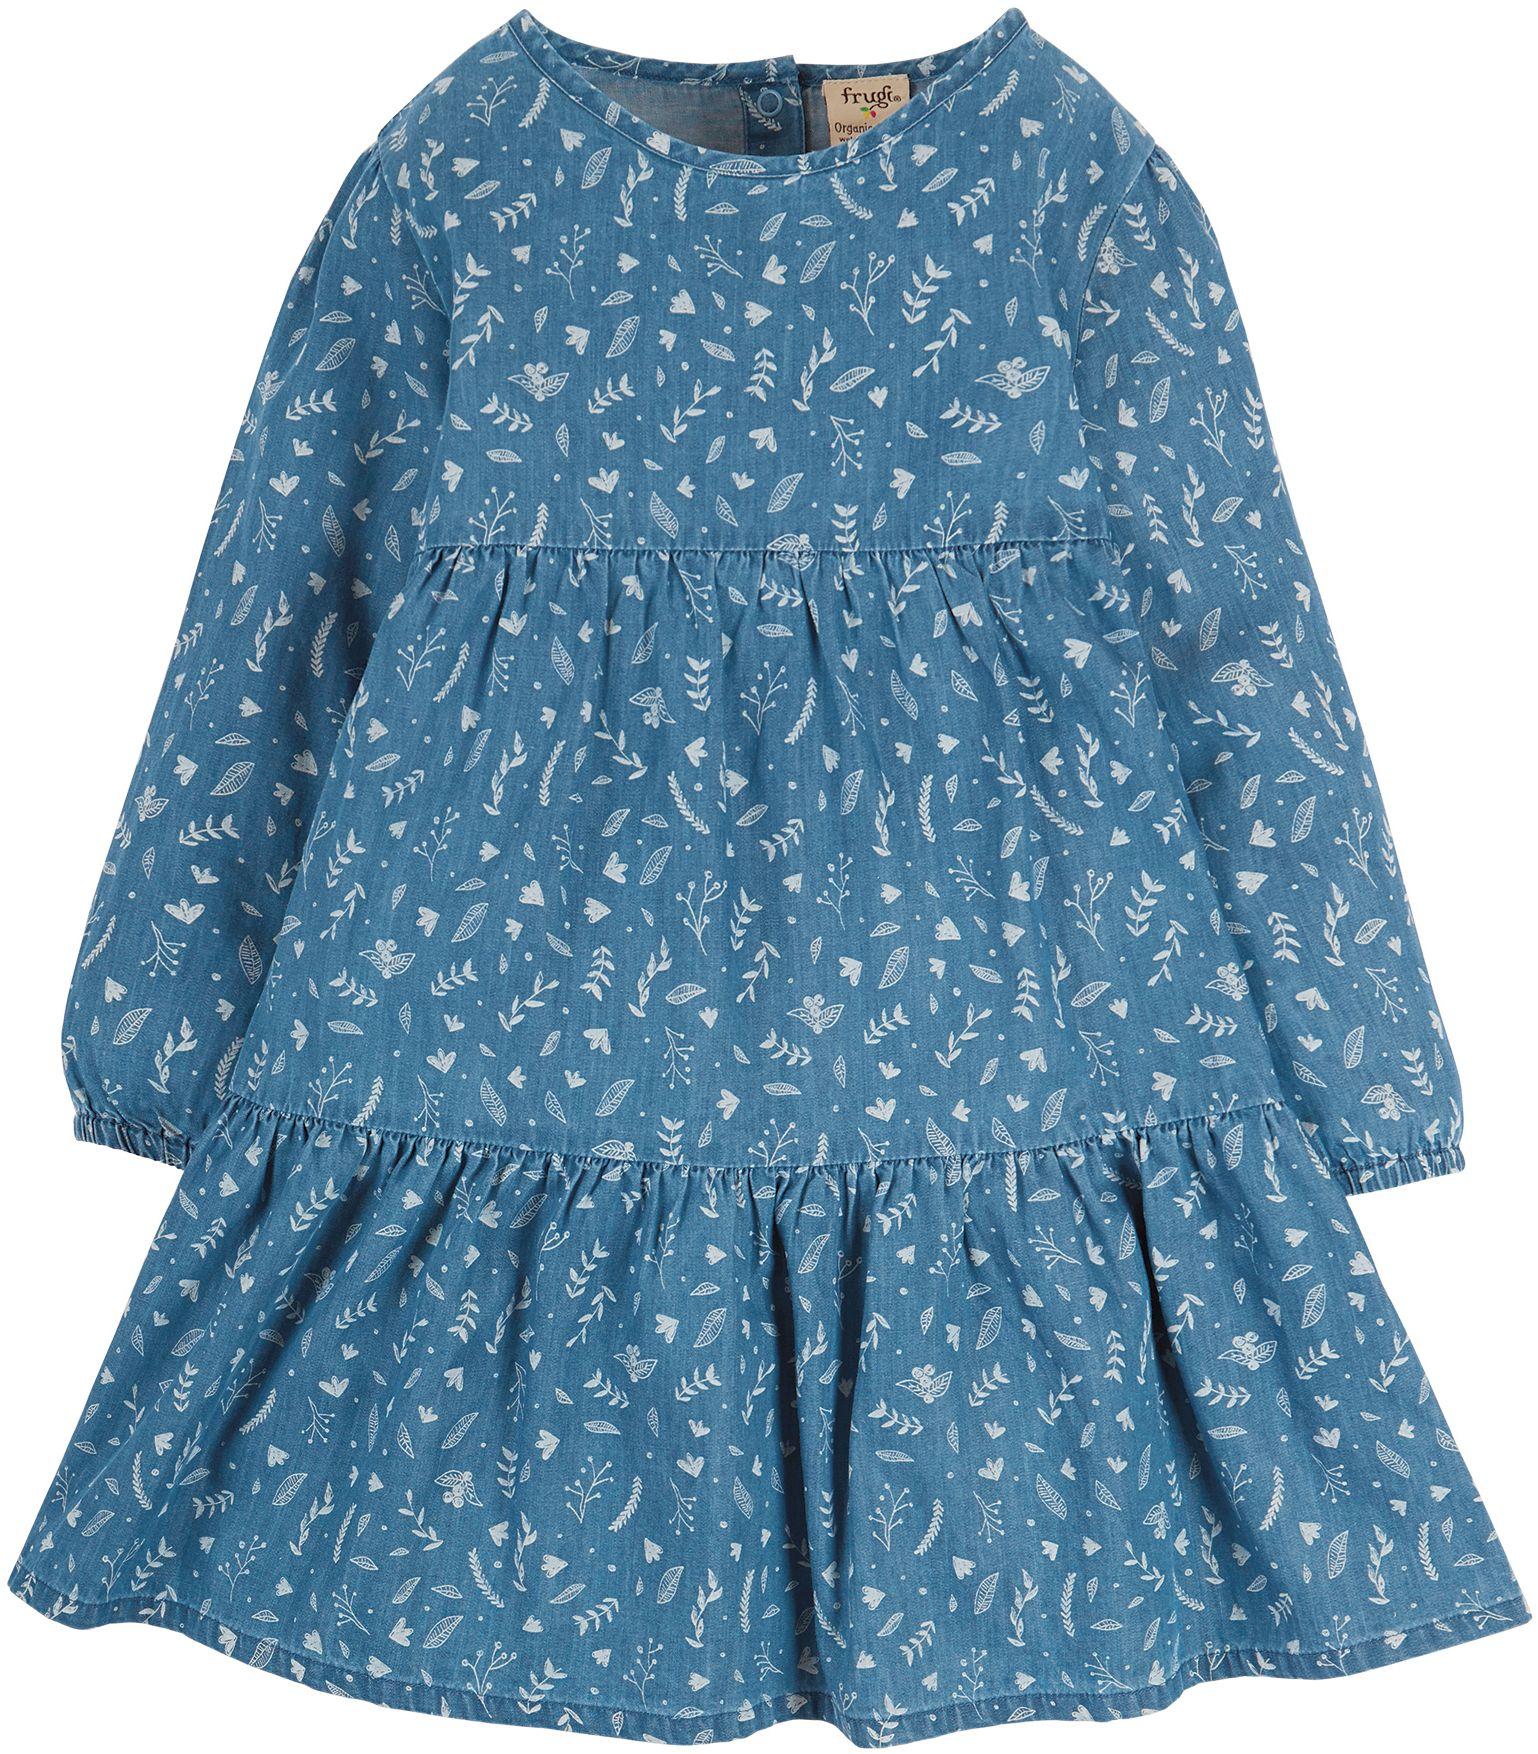 Langarm-Kleid mit Blätter-Print für Kinder